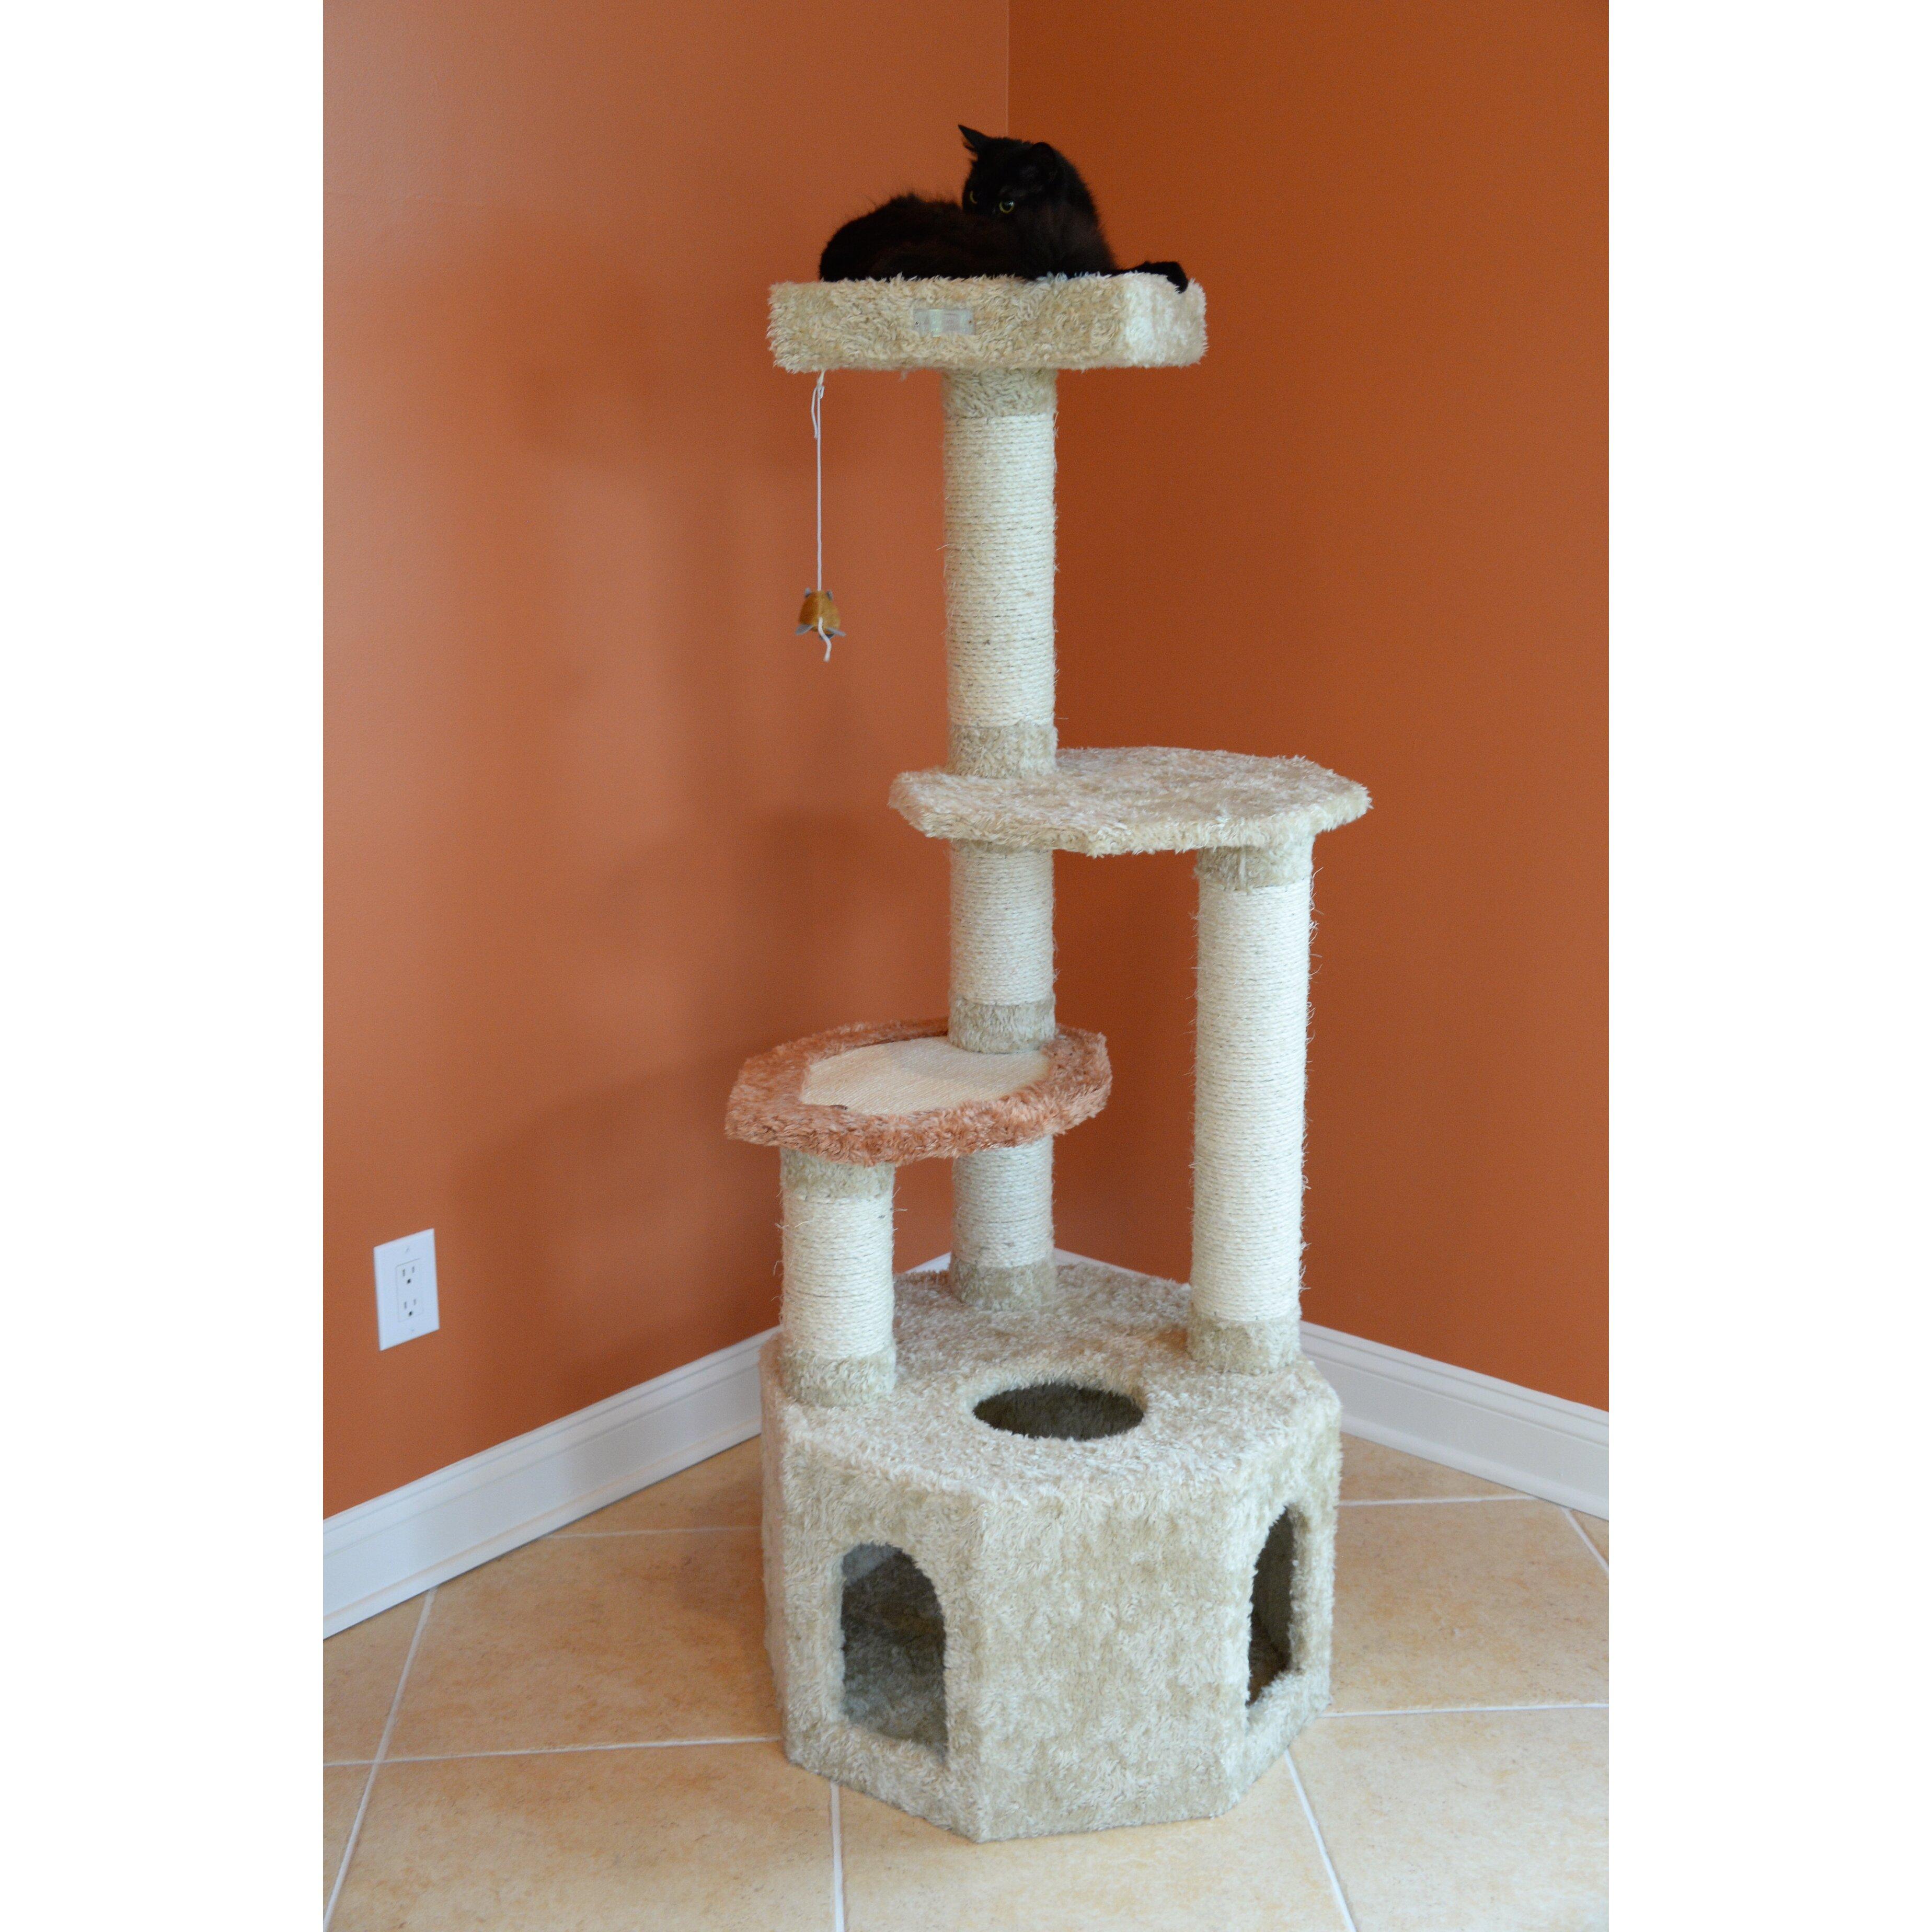 domestic savannah cat